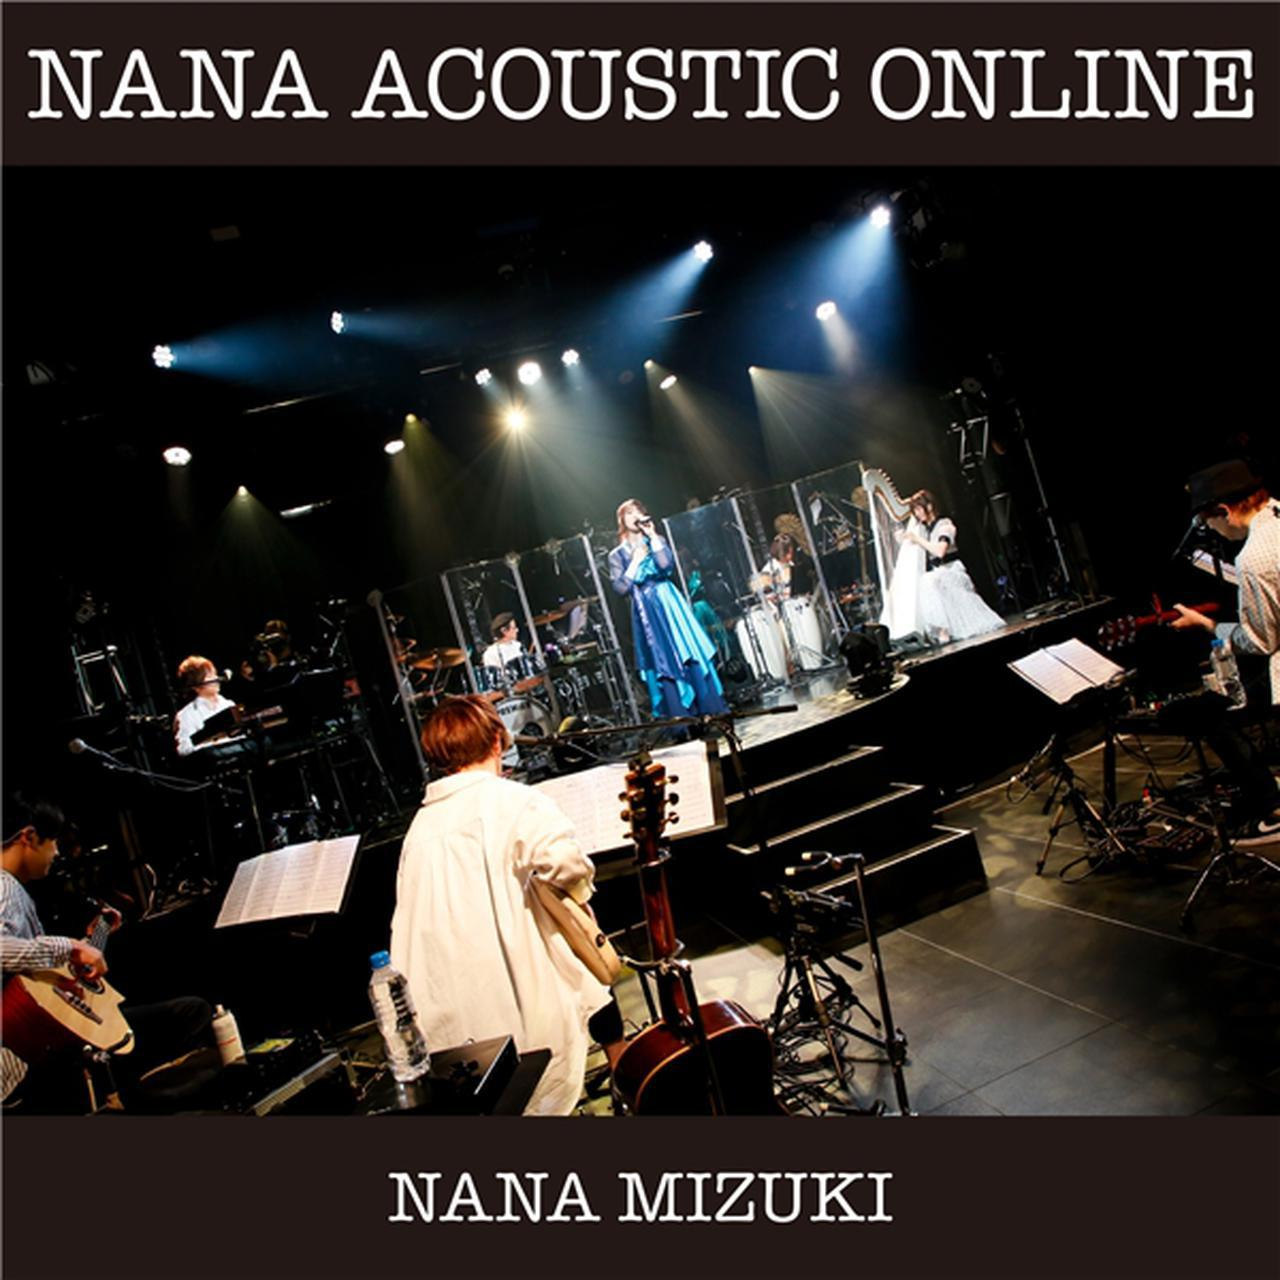 画像: NANA ACOUSTIC ONLINE/水樹奈々